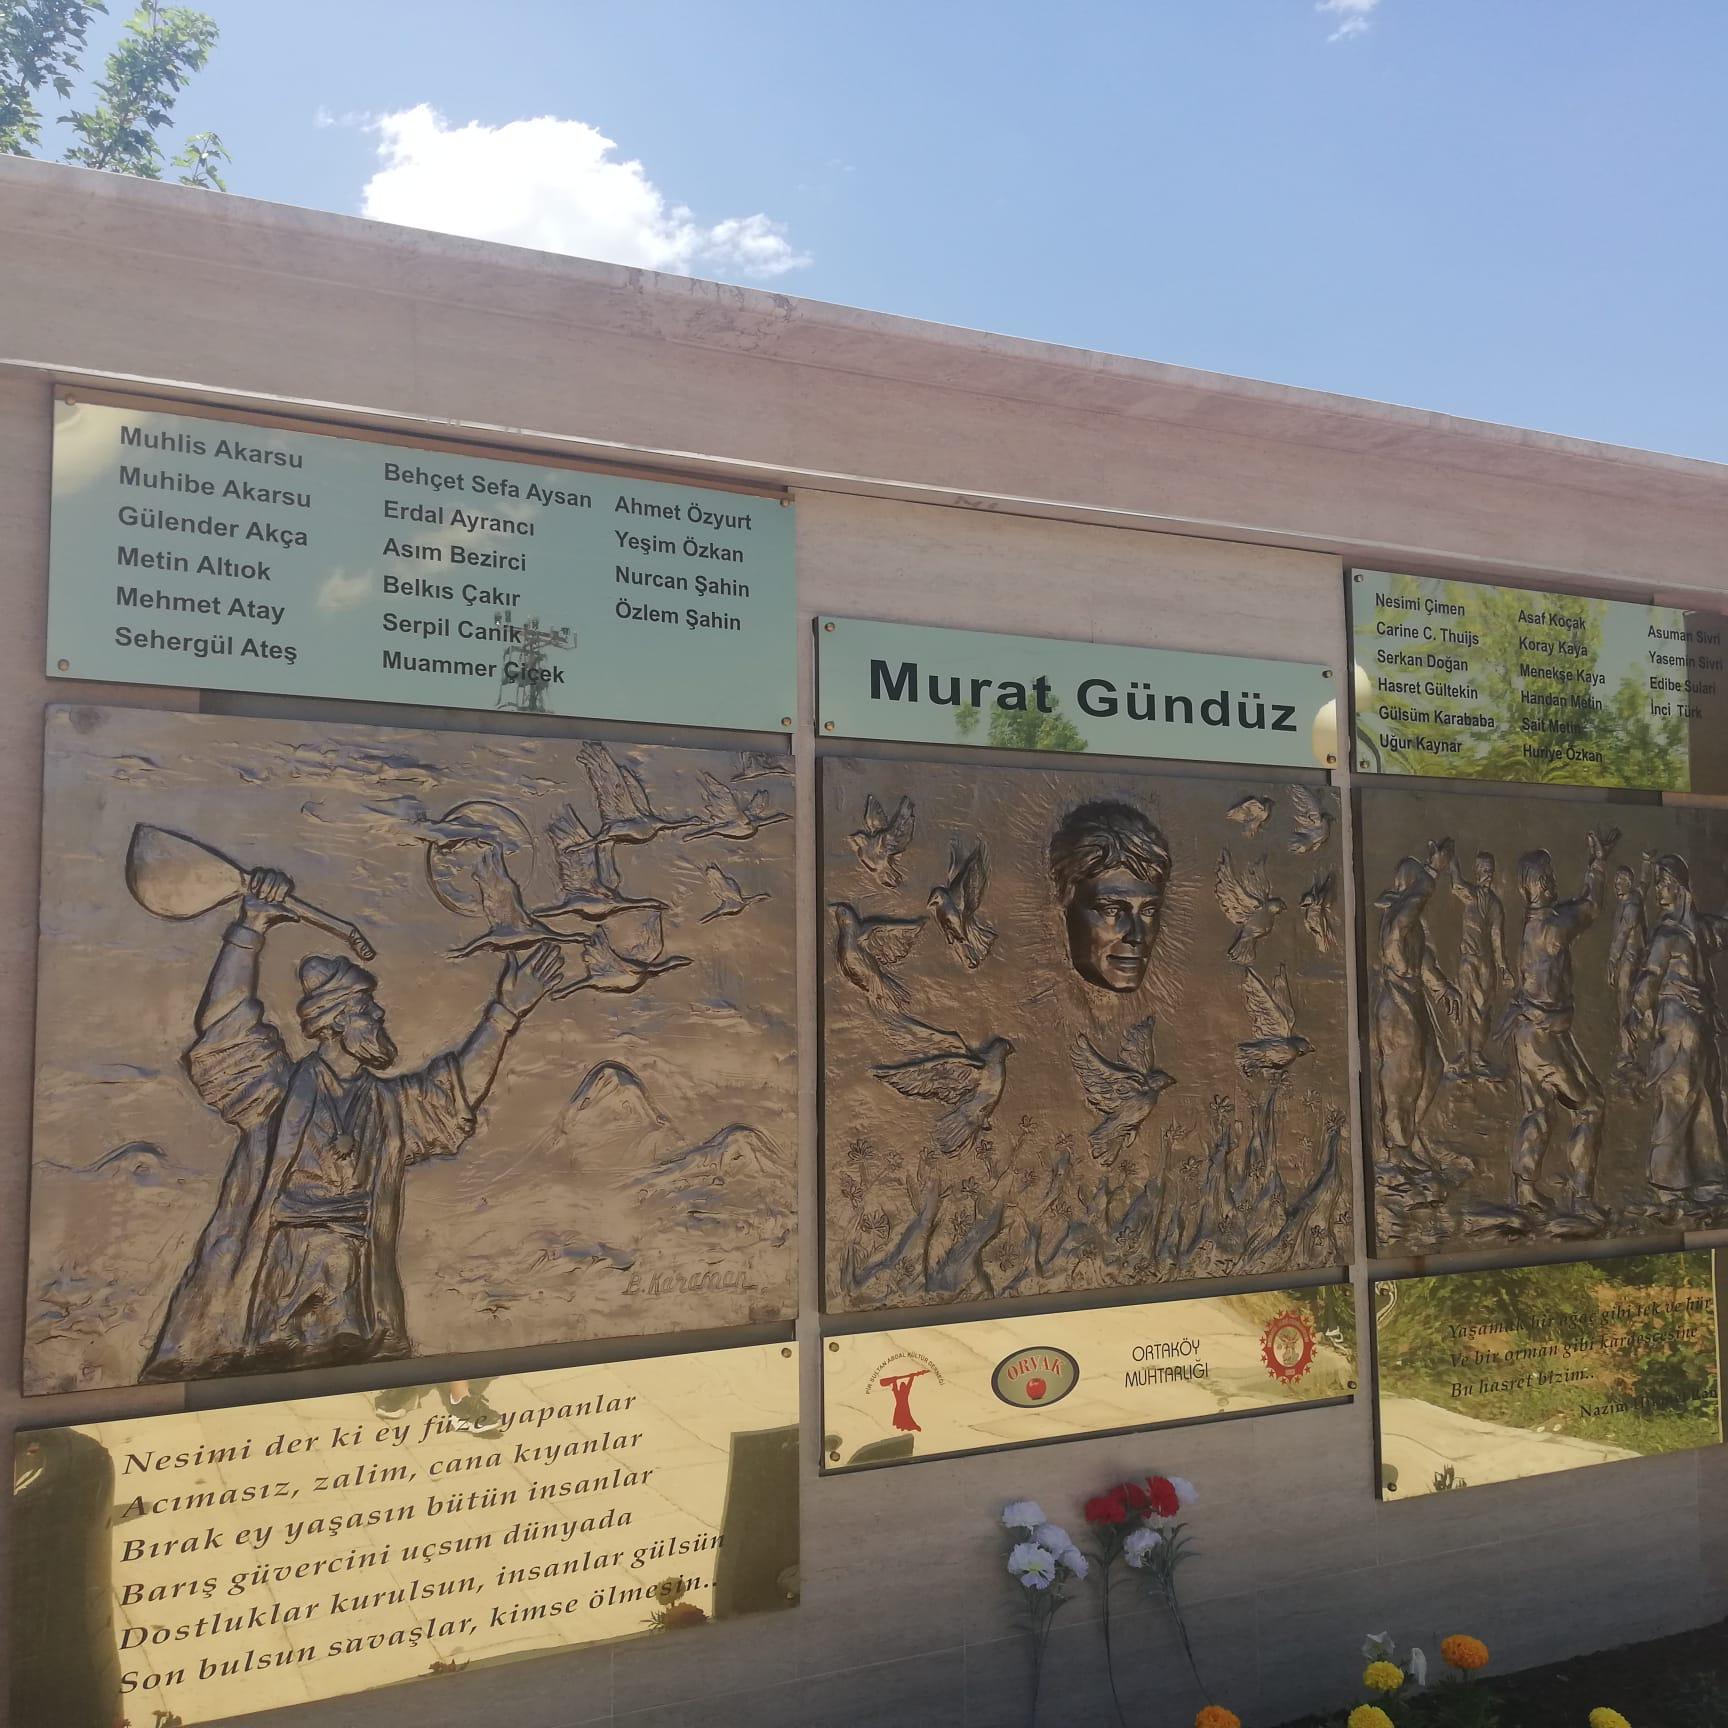 2 Temmuz Şehitlerinden Murat Gündüz için Anıt Meydan açıldı